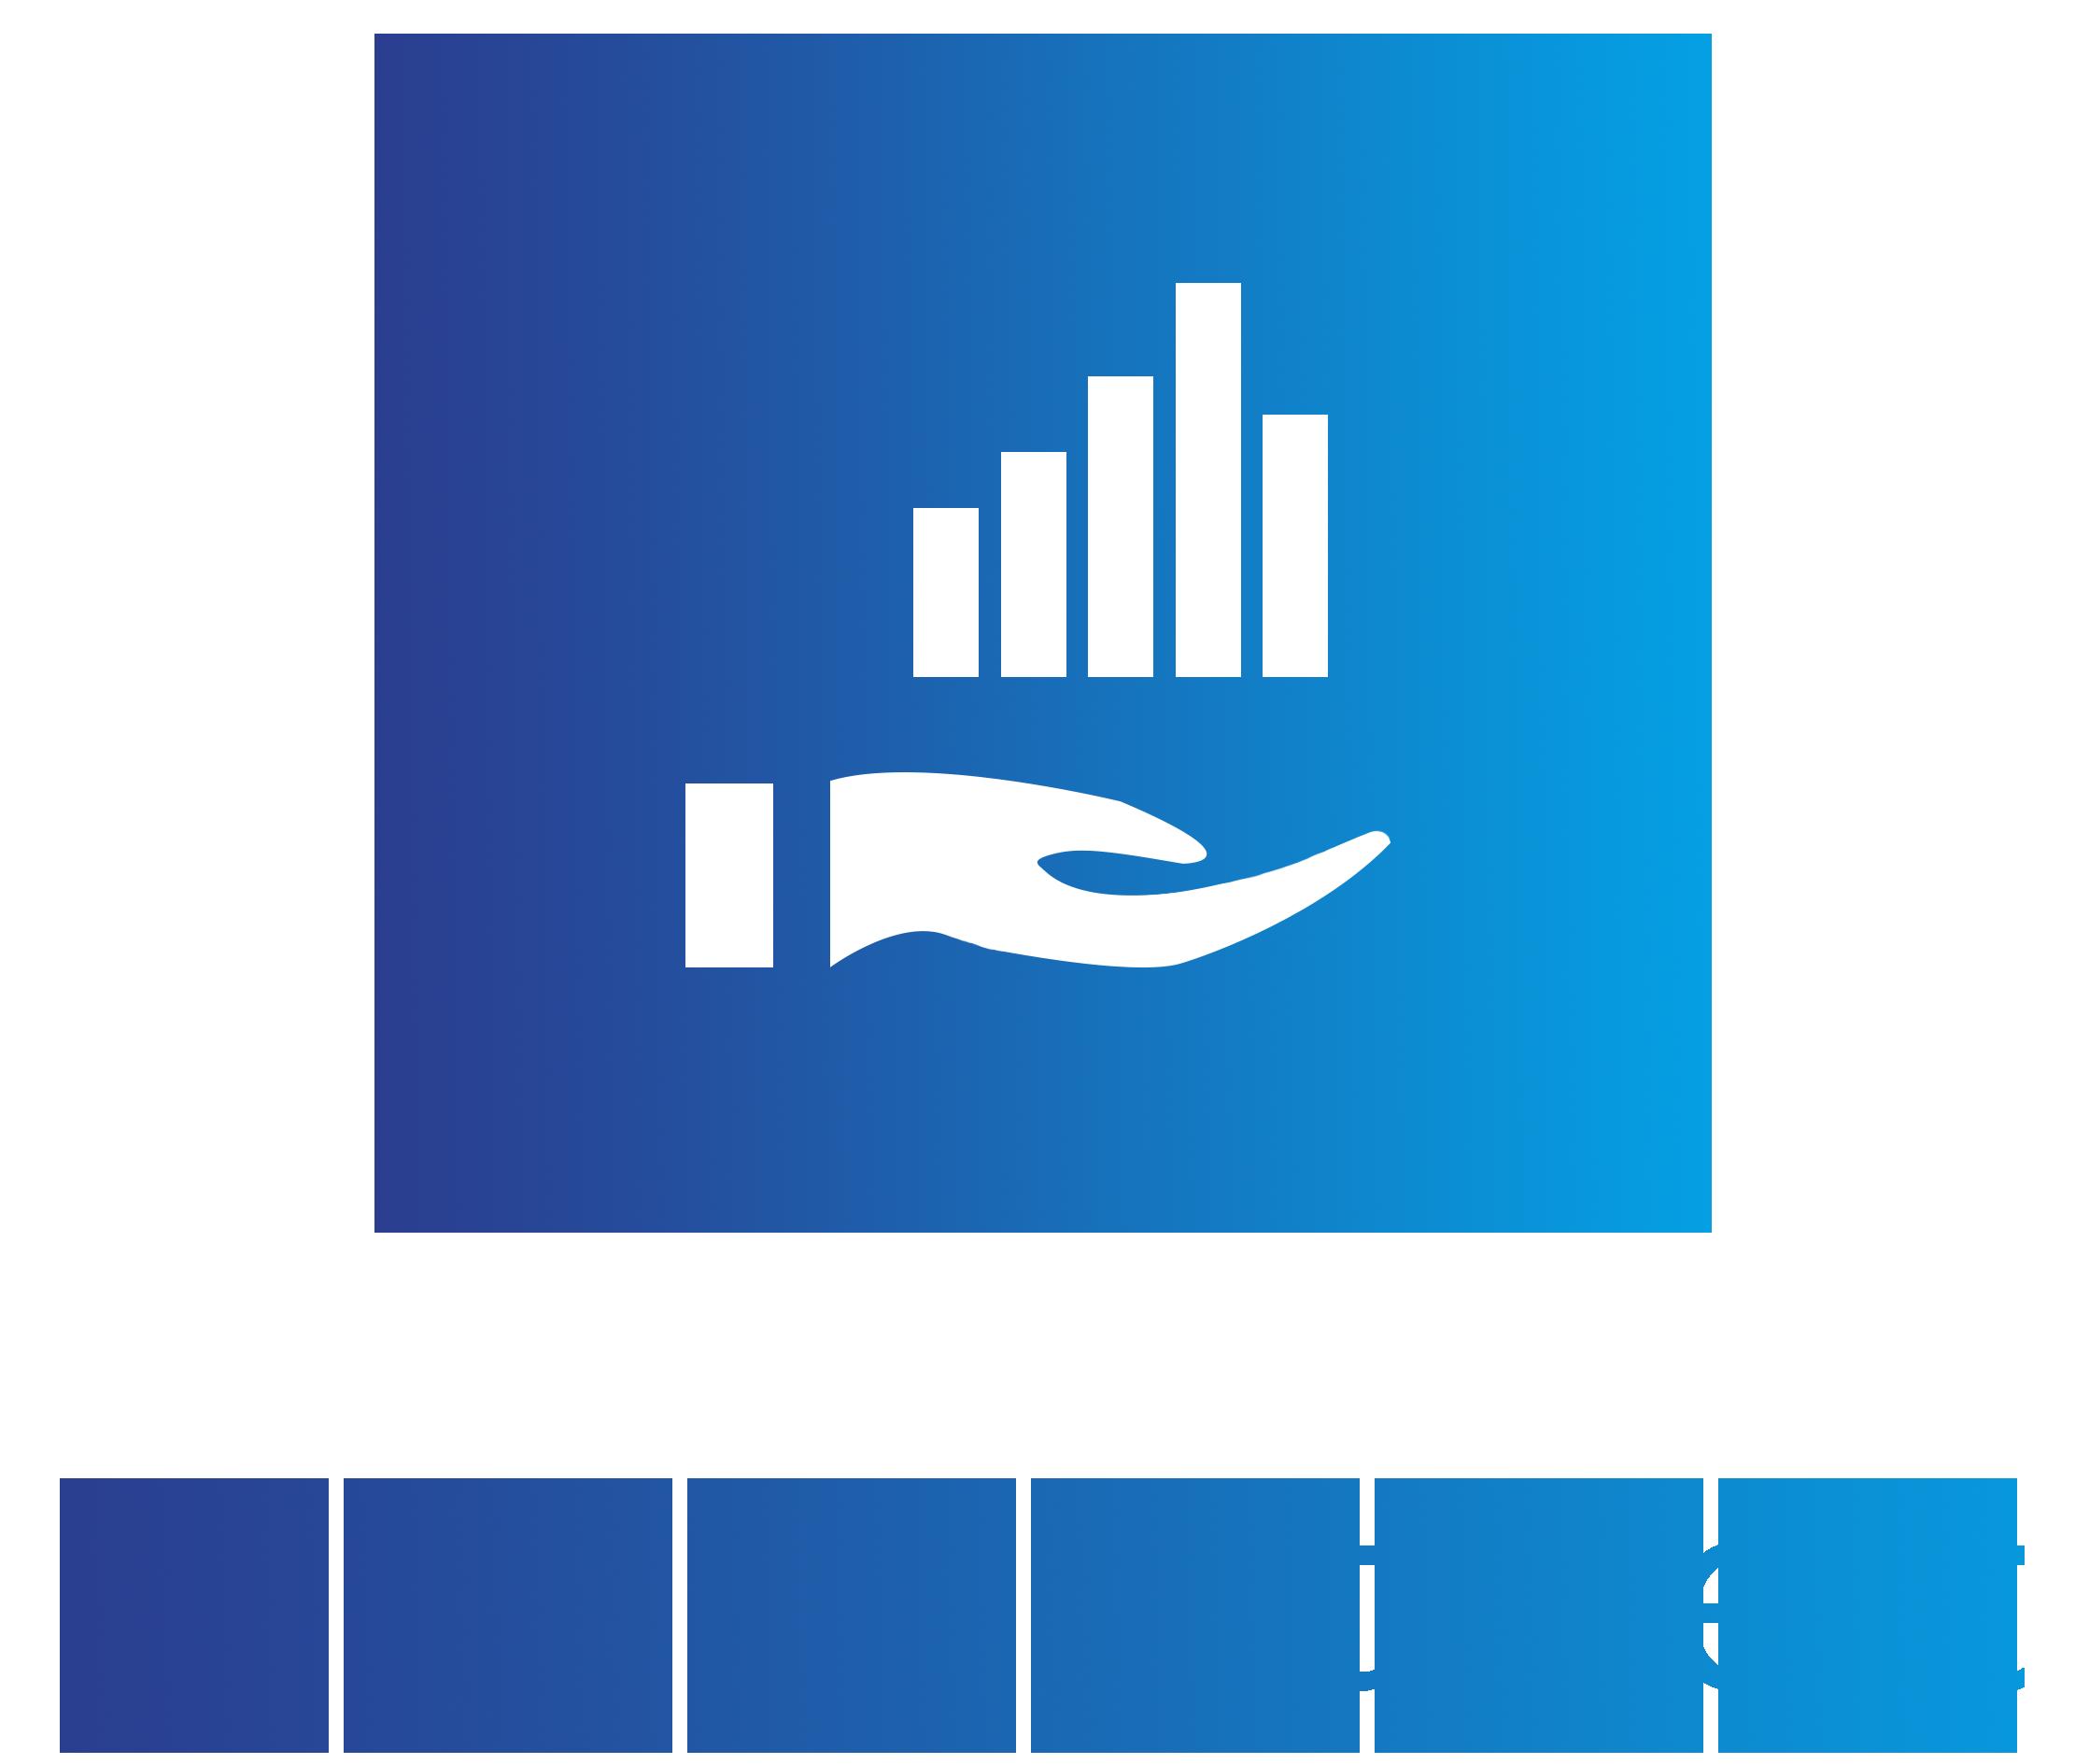 Smart-Baumarkt von: Honeywell, Johnson Controls, Siemens, UTC, Schneider, Ingersoll Rand, Azbil, General Electric, Eaton, Legrand.